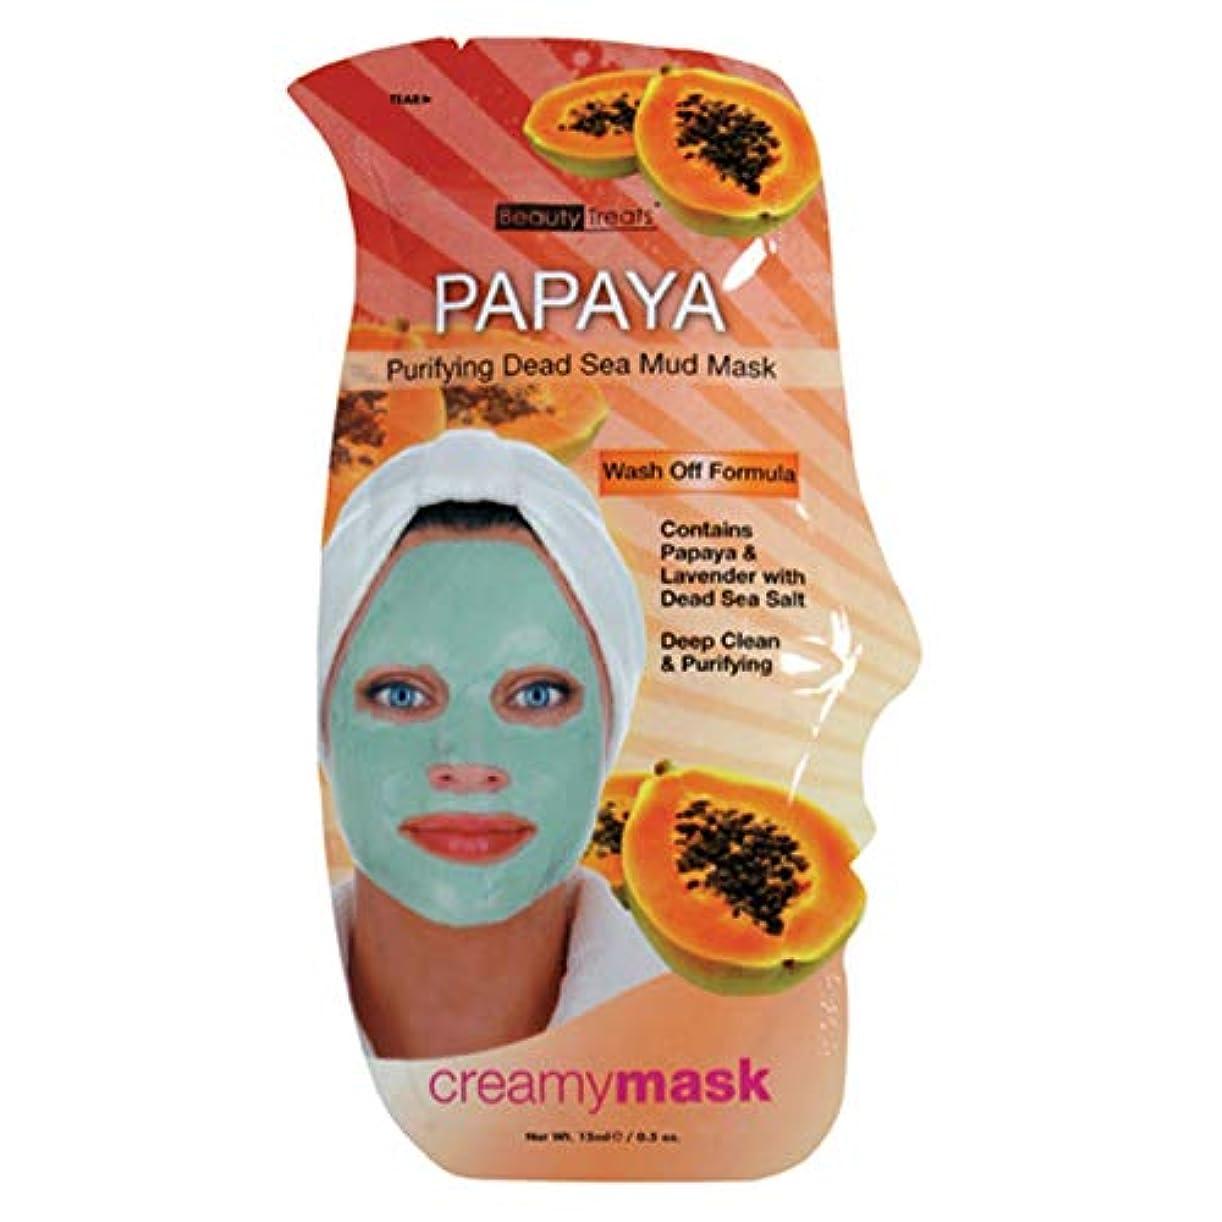 ロールバイオレット解凍する、雪解け、霜解けBEAUTY TREATS Papaya Purifying Dead Sea Mud Mask - Papaya (並行輸入品)